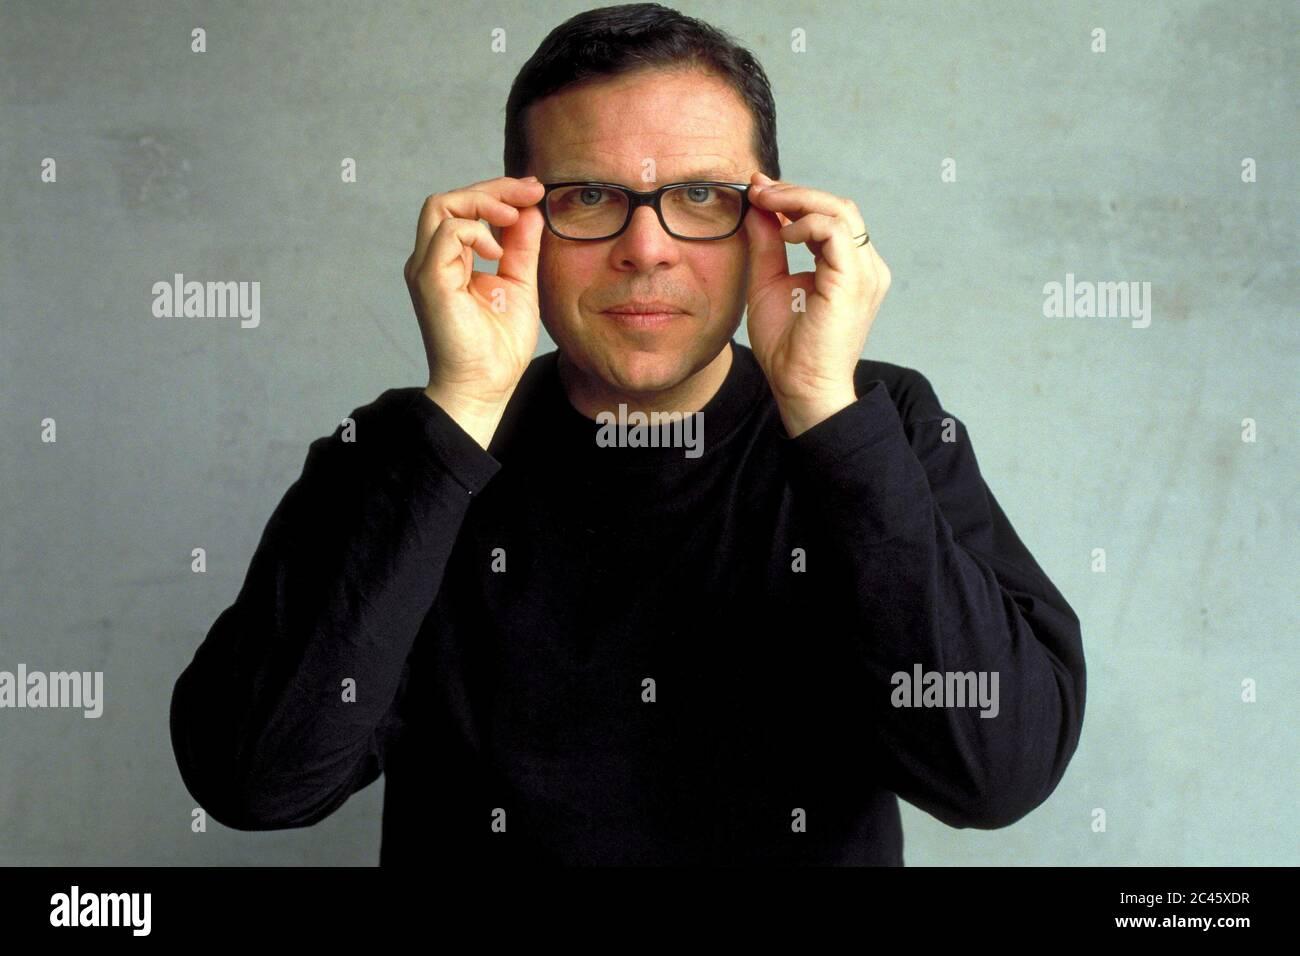 Peter Schreyer - chief designer KIA Motors Stock Photo